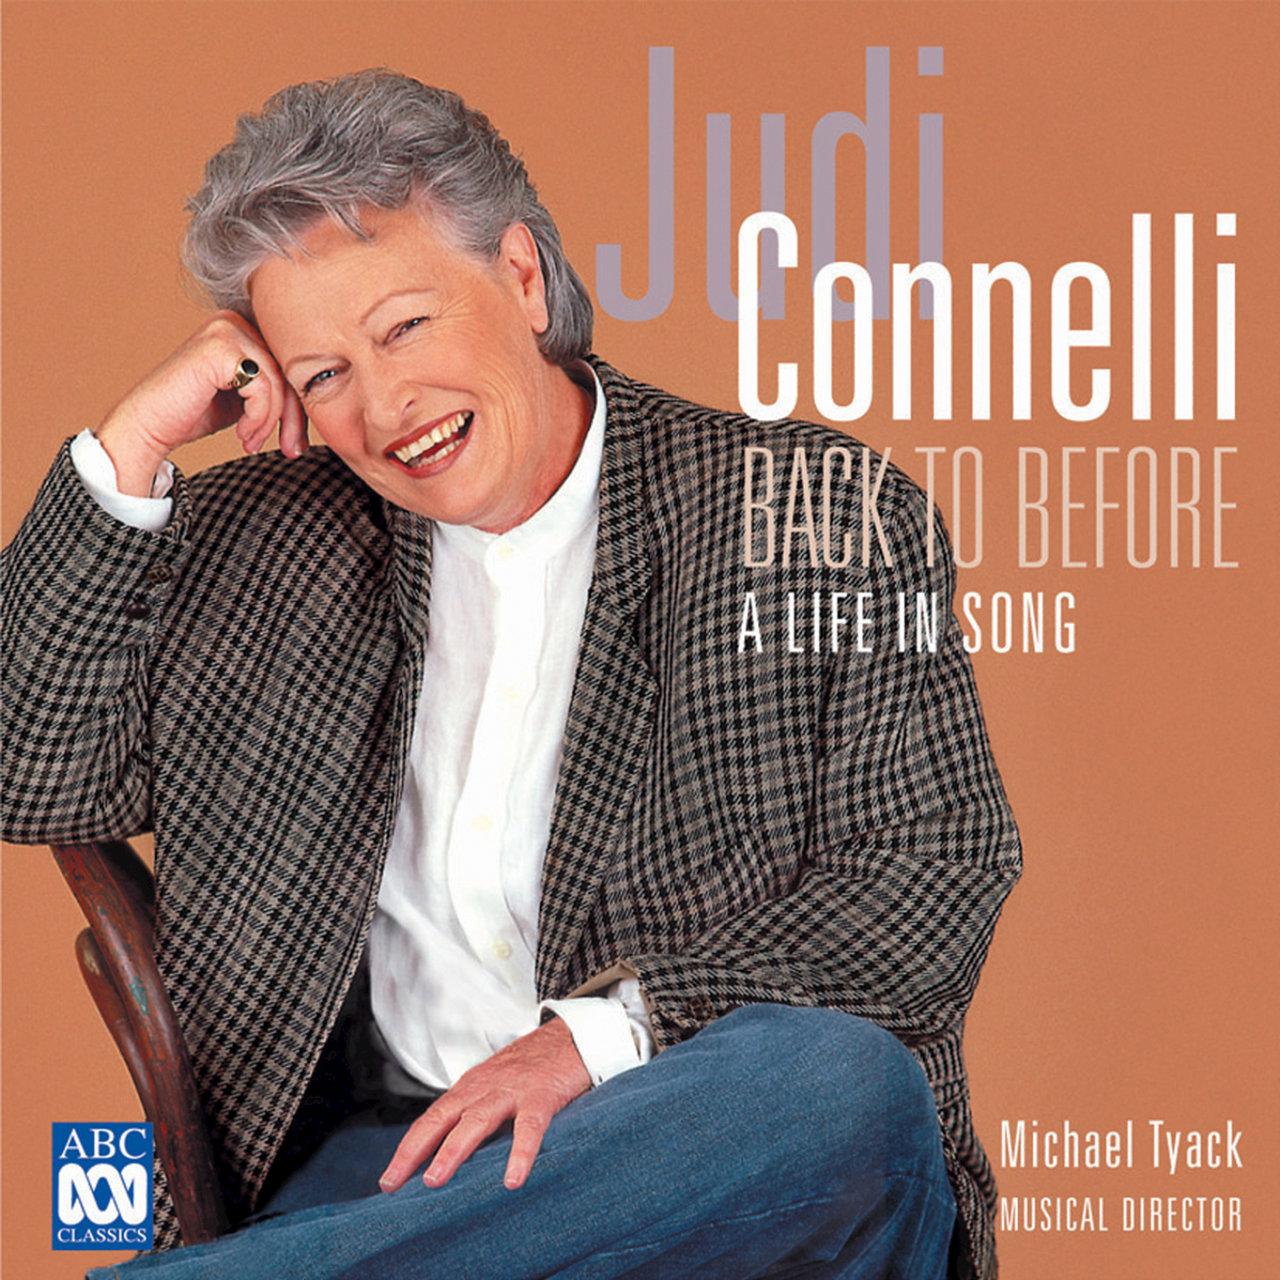 Judi Connelli